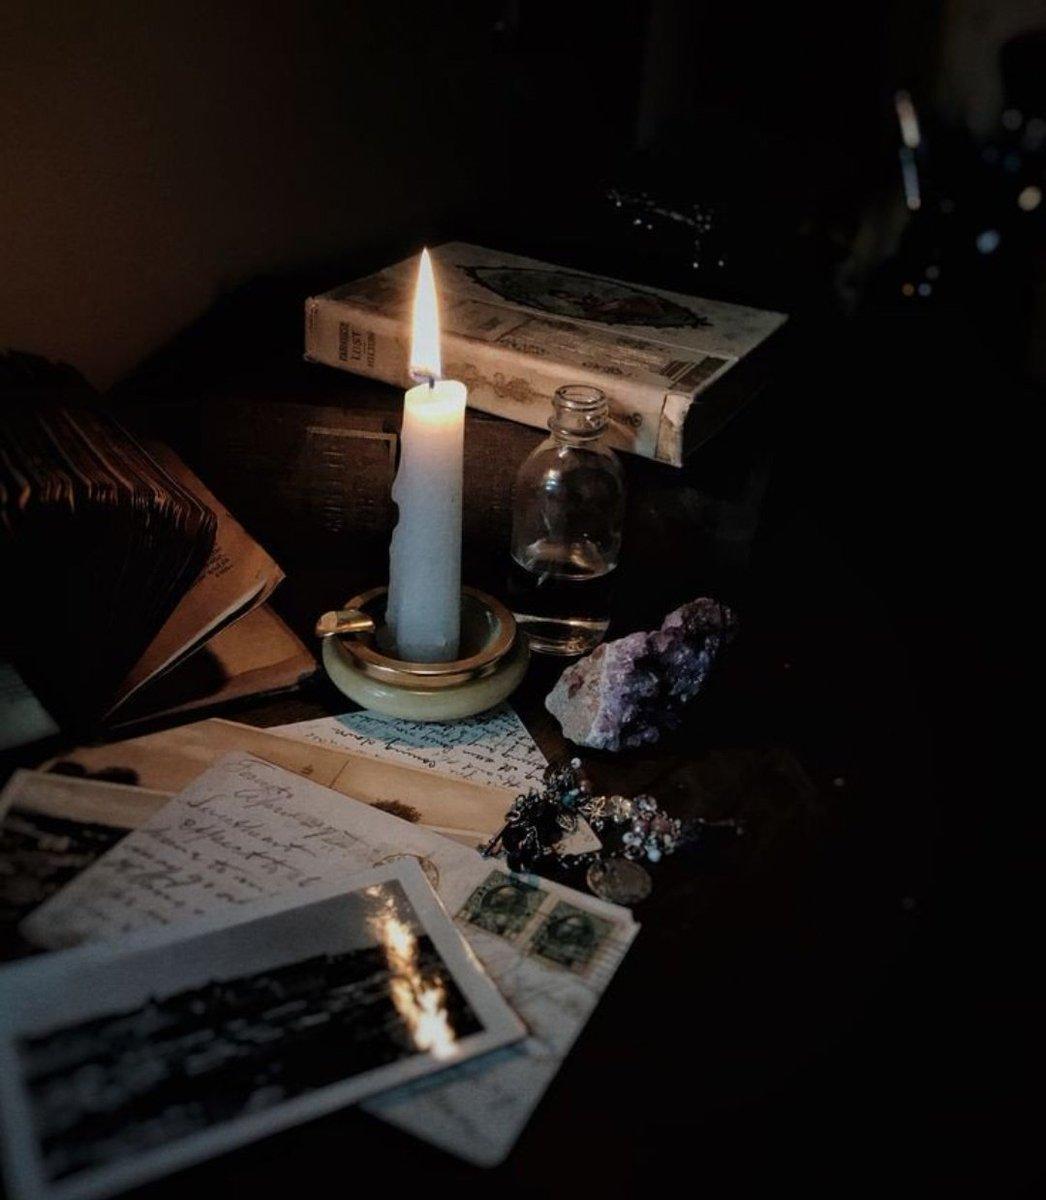 шоу стеклом фото книг свечей и зеркала предложения, оксана продолжила